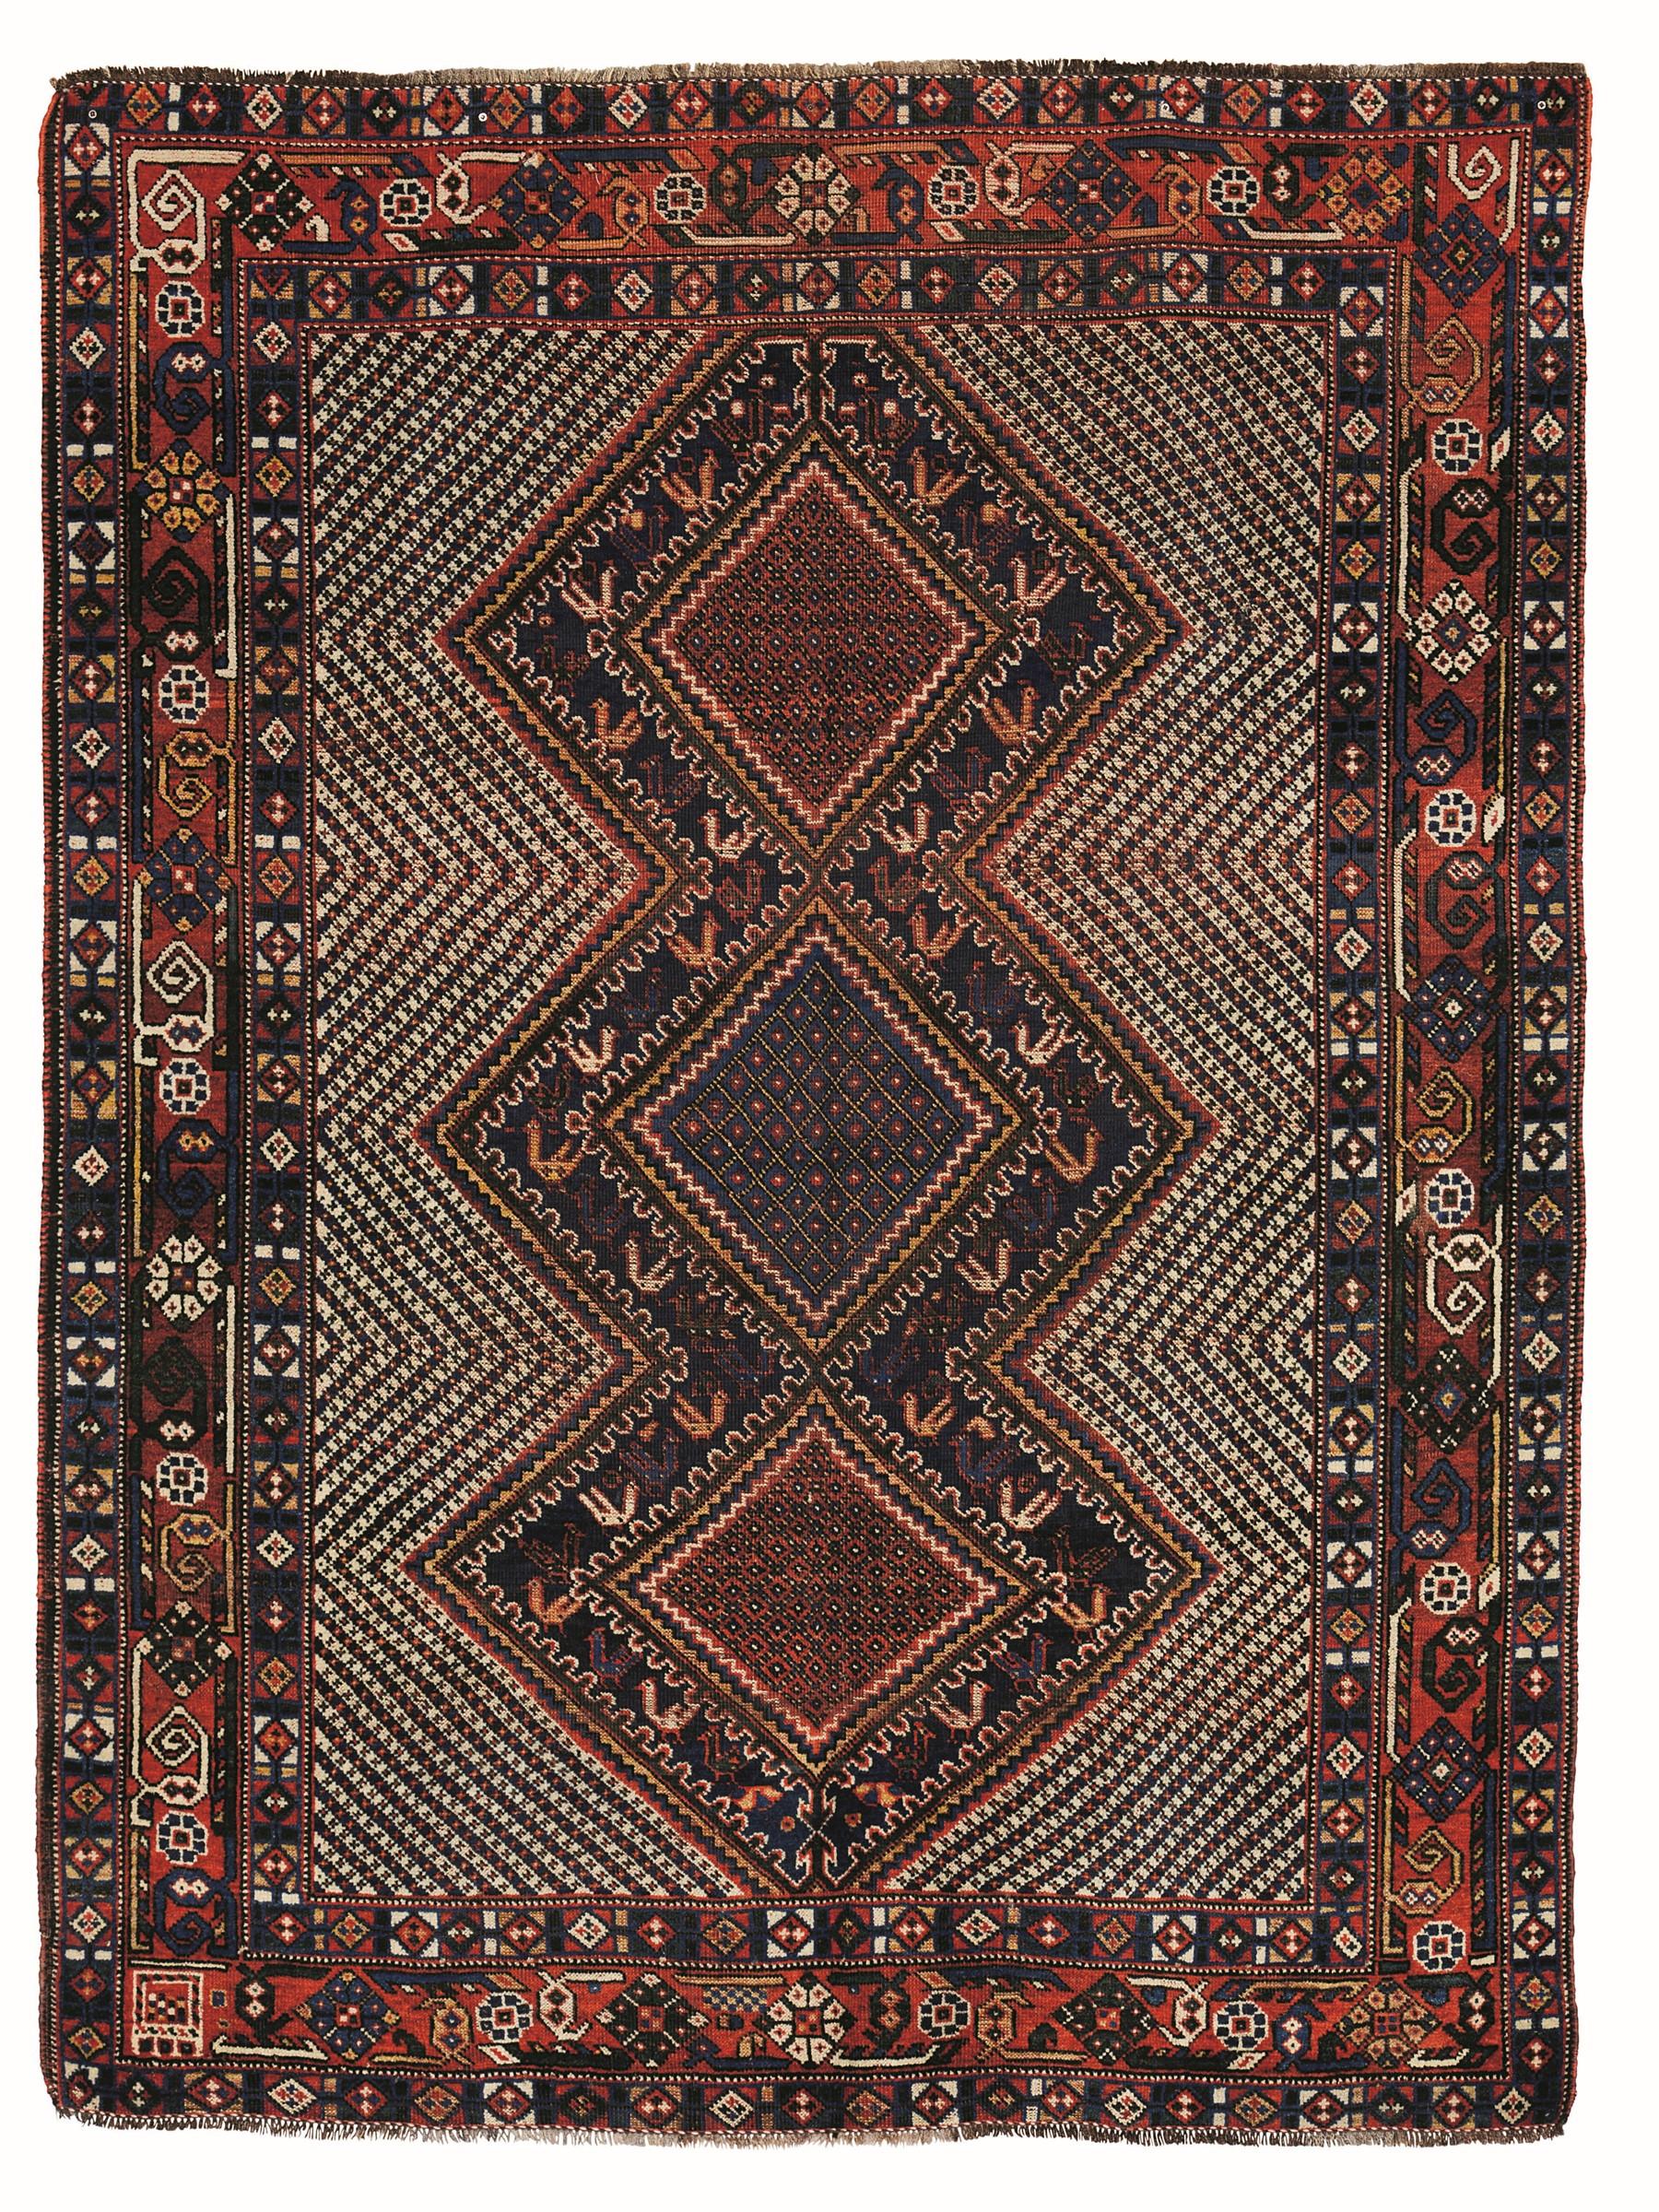 Tappeto Kamseh, sud Persia fine XIX inizio XX secolo, - particolare il campo con tre [...]